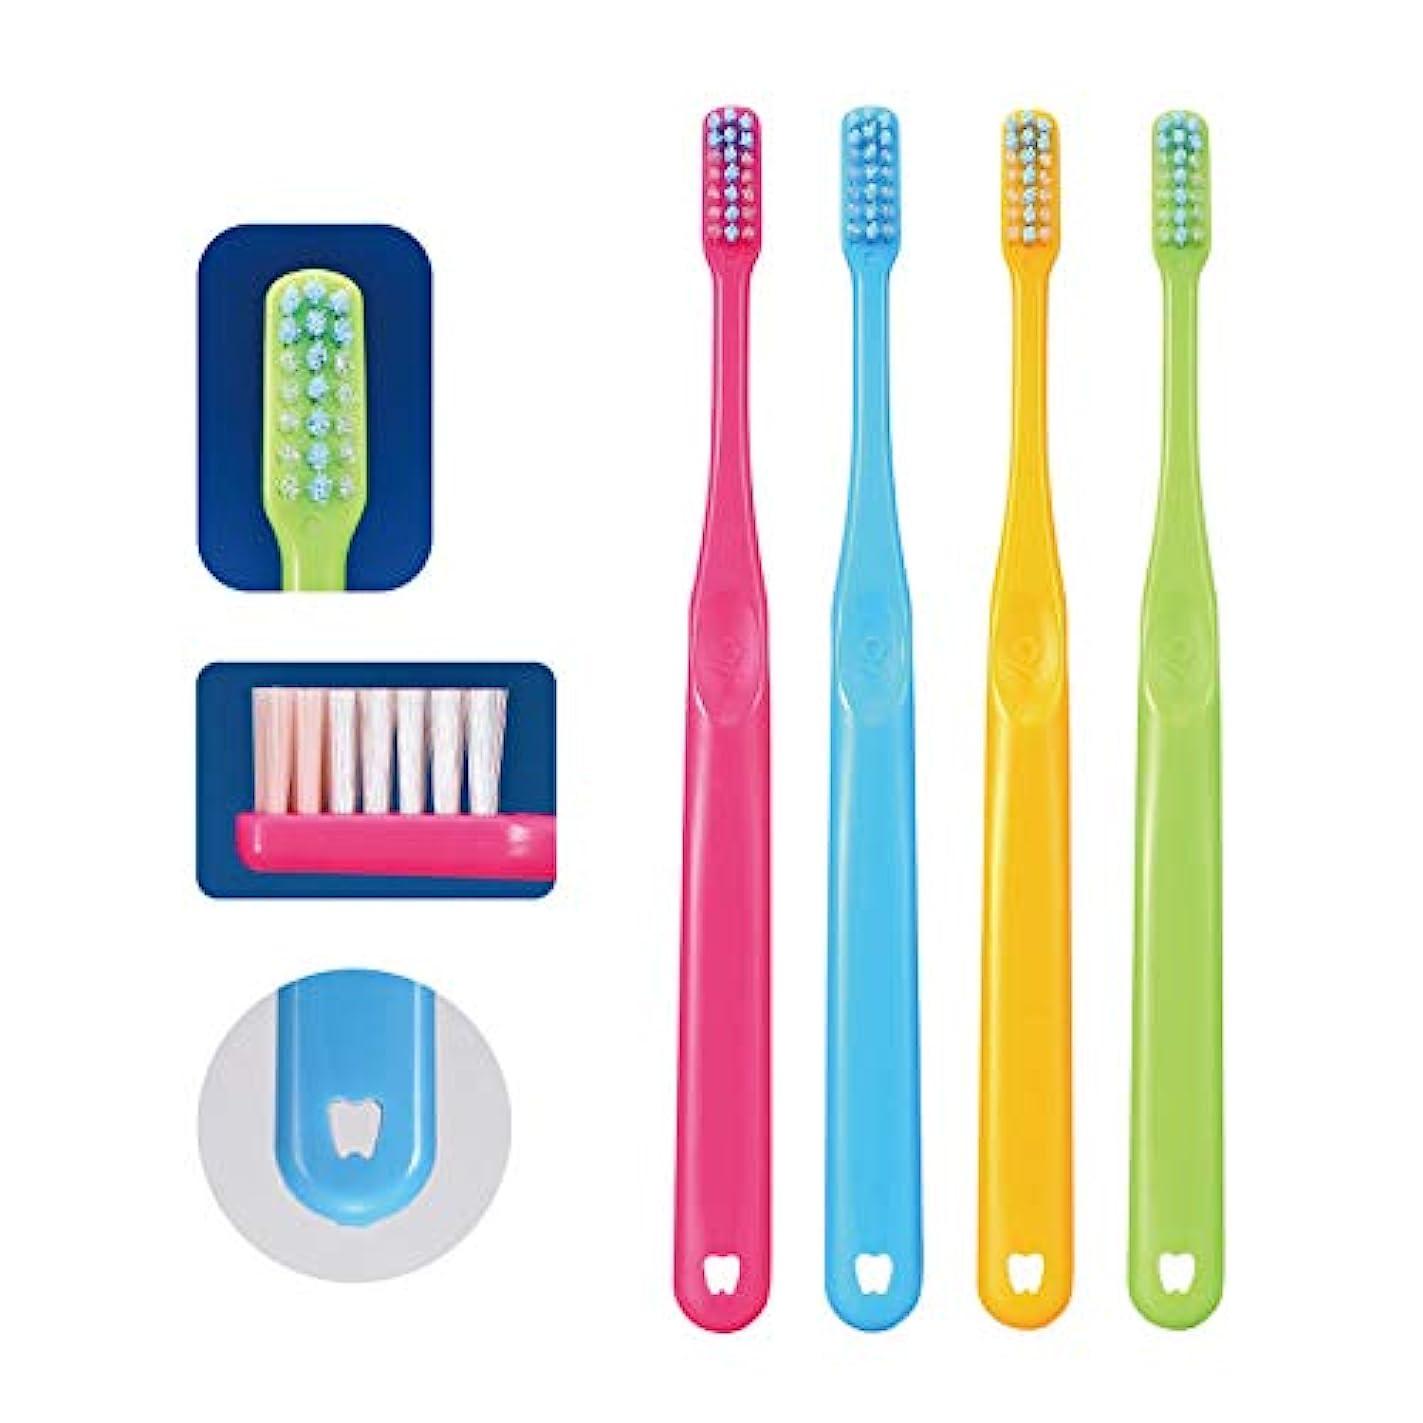 結果としてどこか男やもめCi PRO PLUS プロプラス 歯ブラシ 20本 S(やわらかめ) 日本製 プラーク除去 歯科専売品